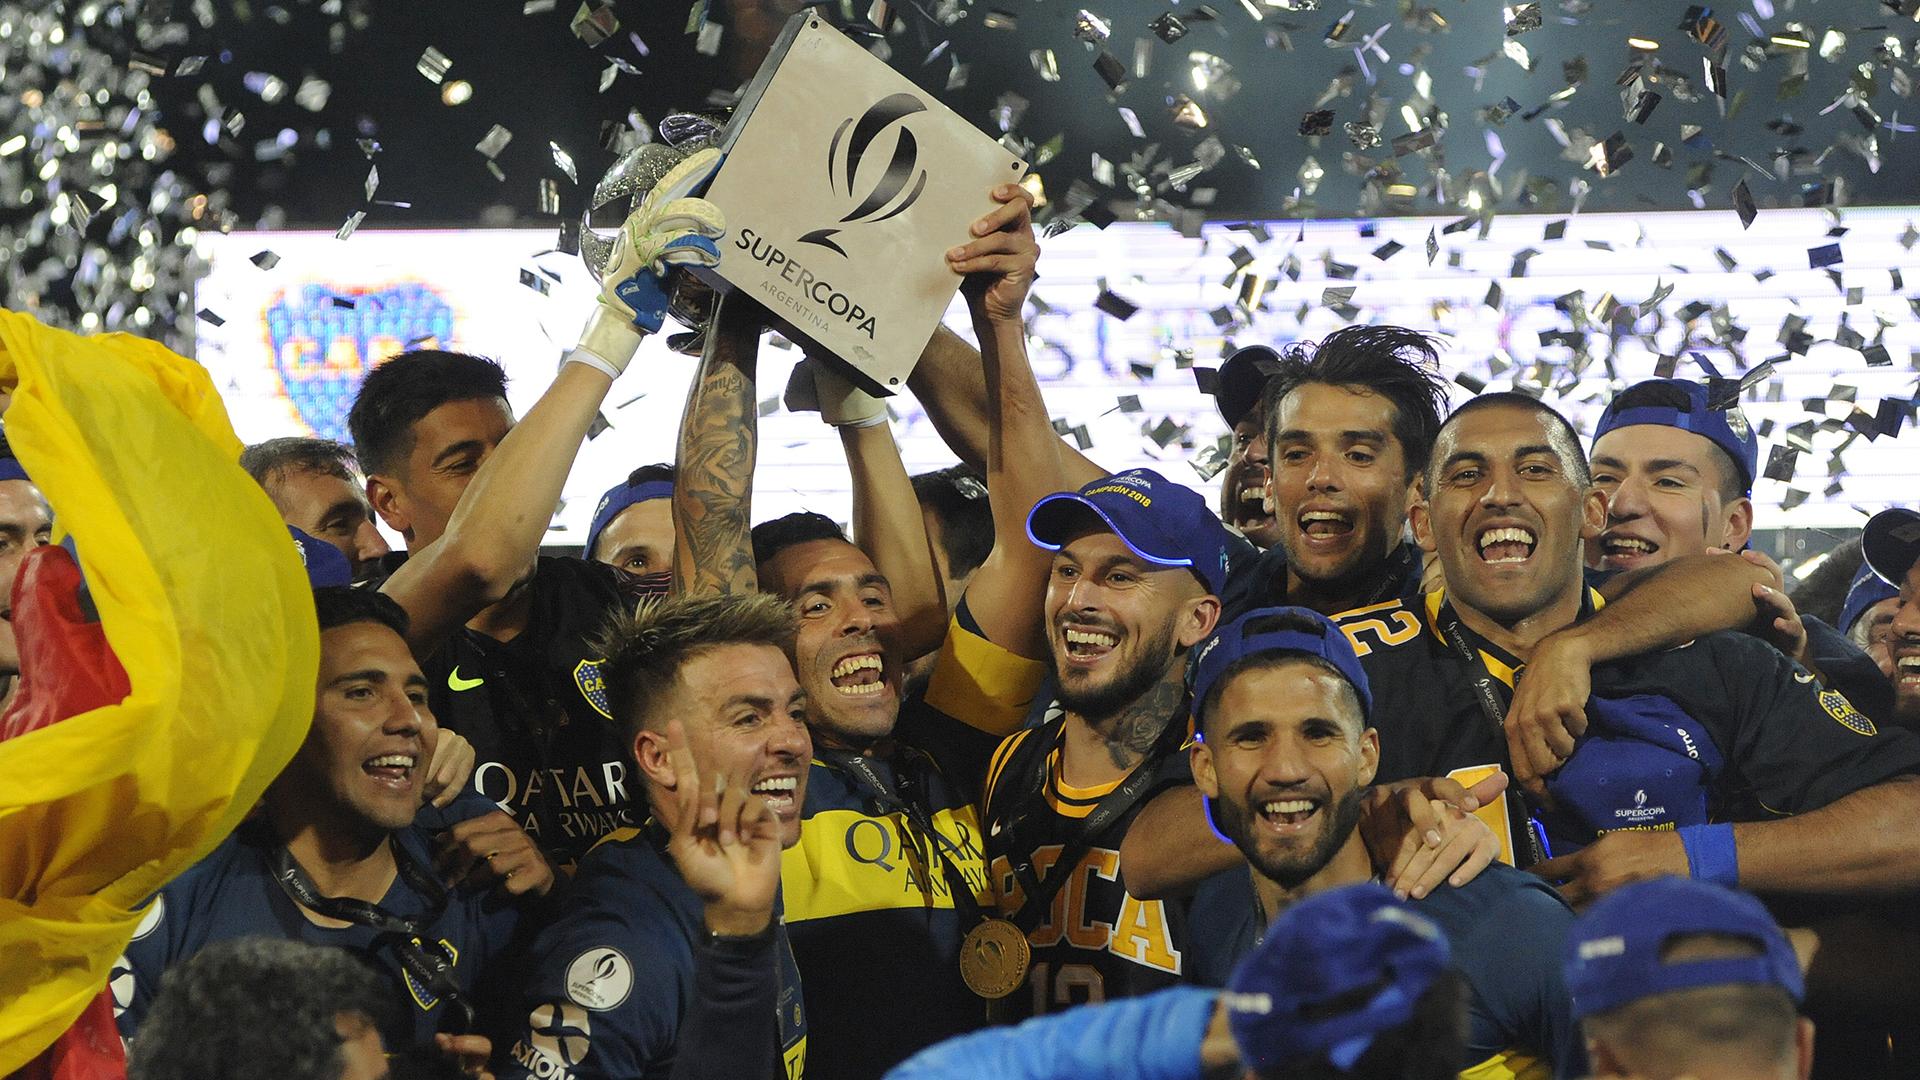 Los campeones levantan el trofeo conseguido en los penales (Foto Baires)